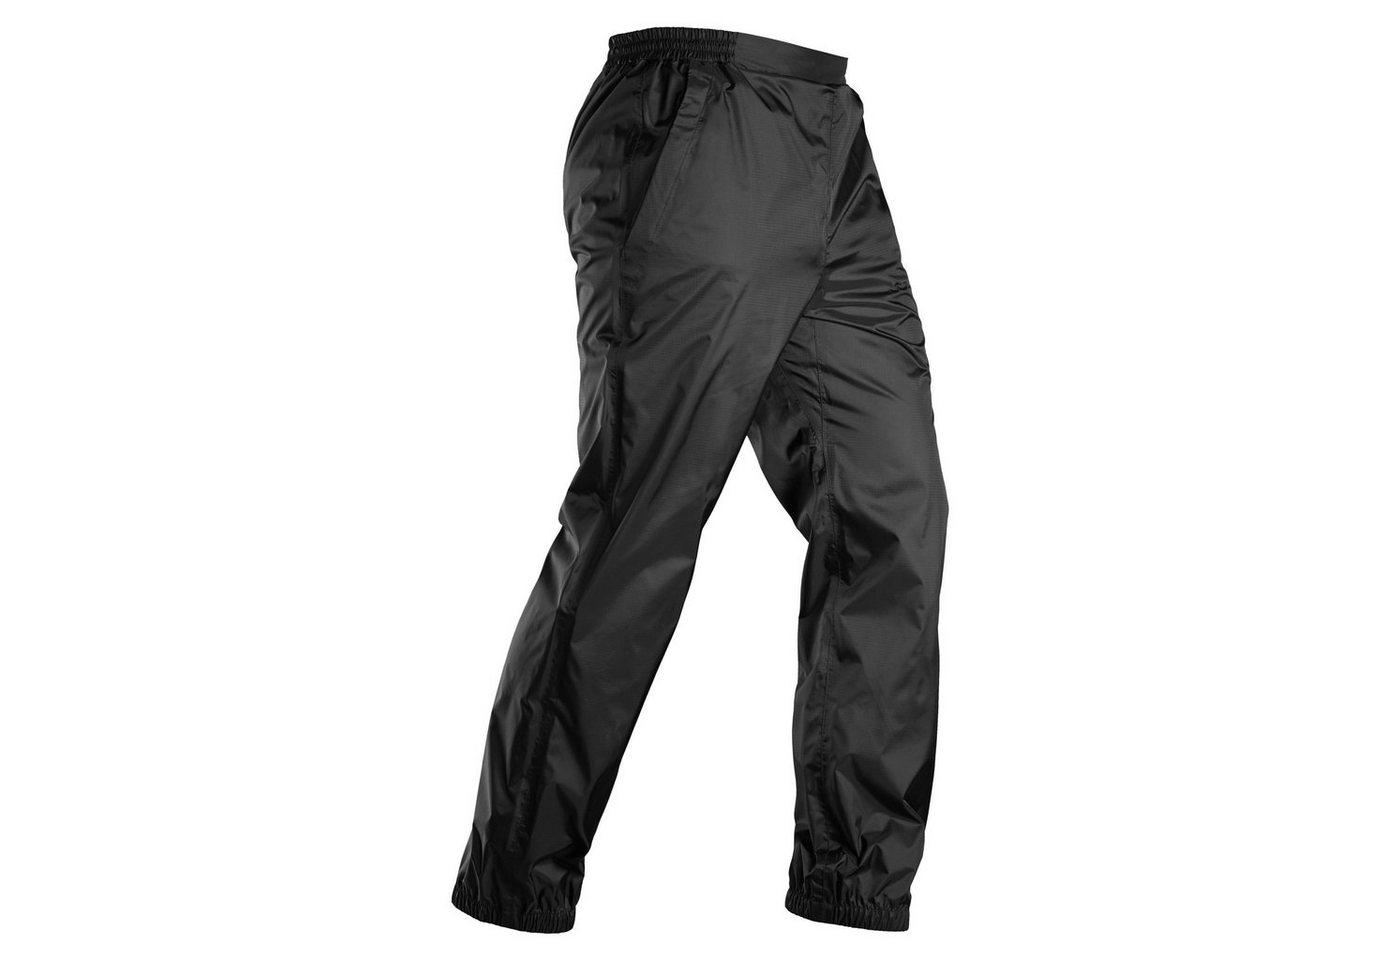 Kathmandu Regenhose »Pocket-it v3« | Sportbekleidung > Sporthosen > Regenhosen | Schwarz | Nylon - Polyamid | Kathmandu